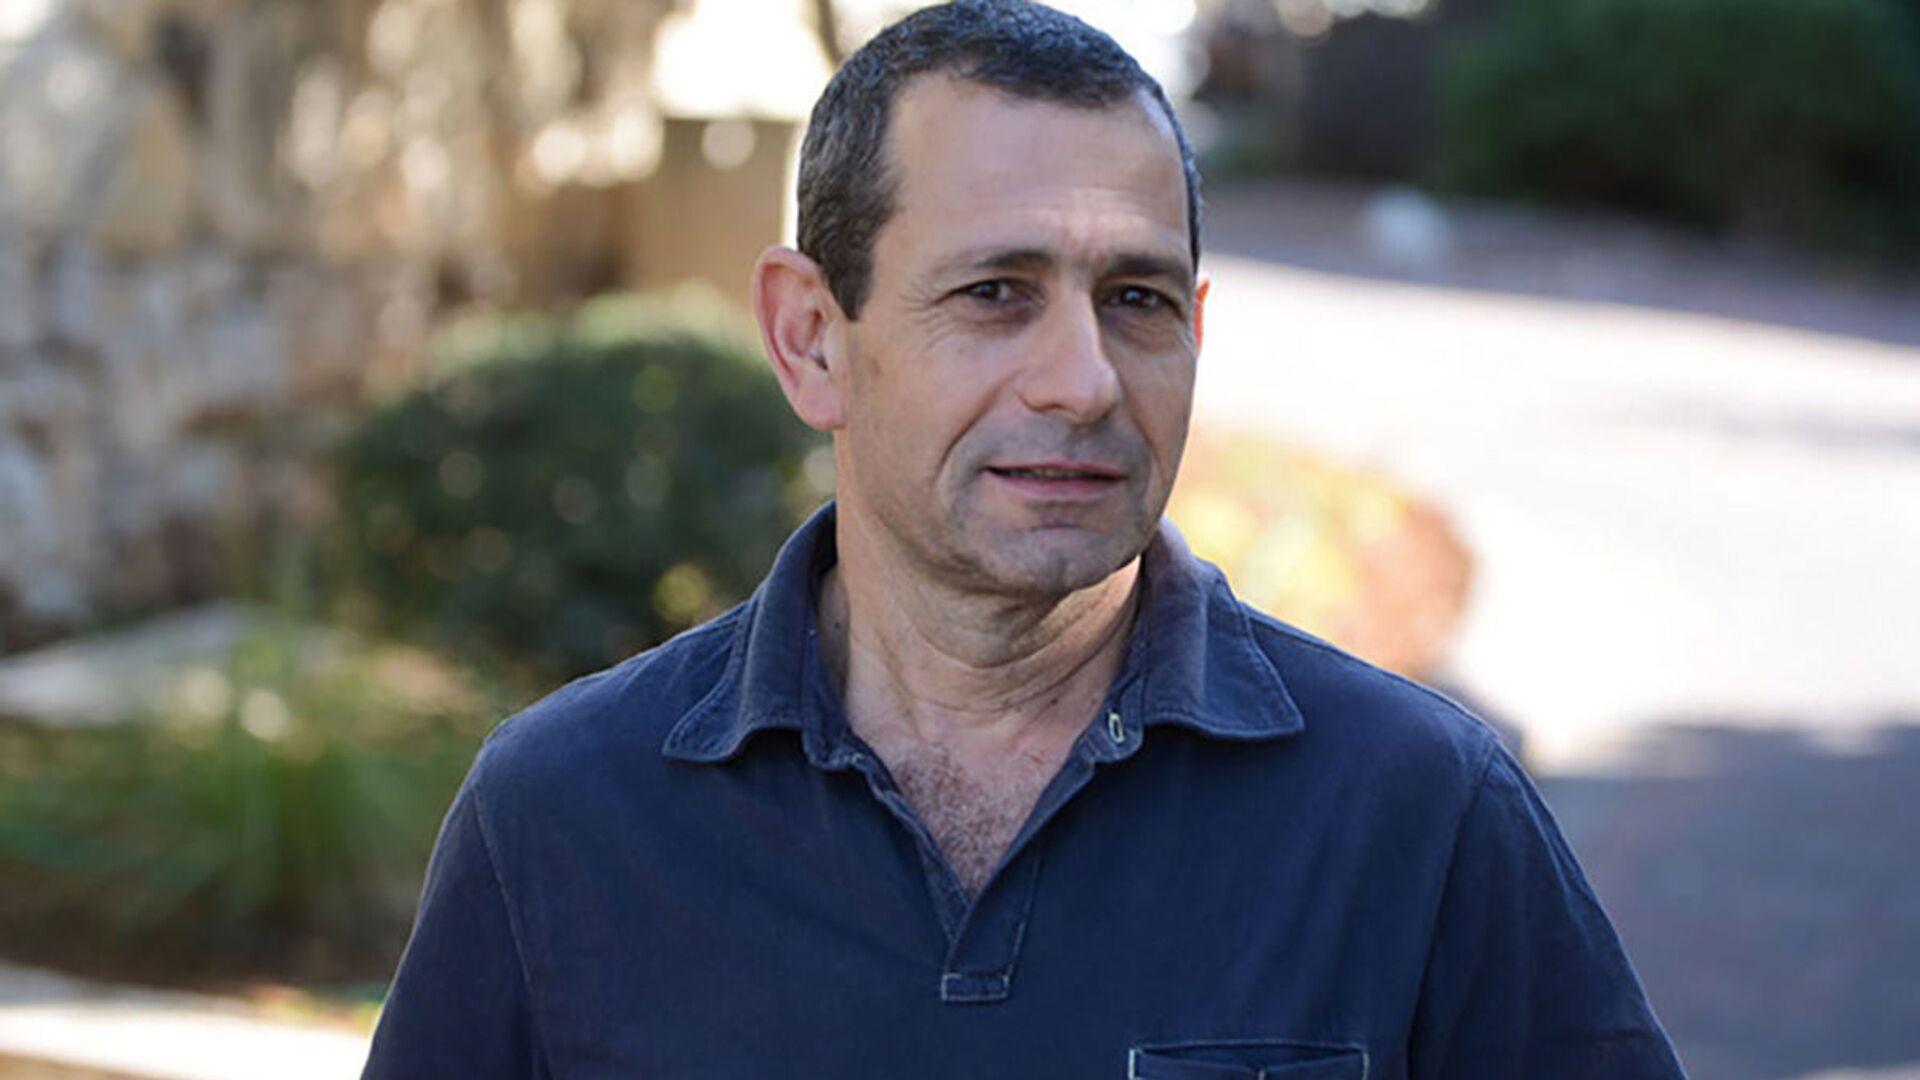 Direttore del servizio di sicurezza interna israeliano Shin Bet Nadav Argaman - Sputnik Italia, 1920, 06.06.2021